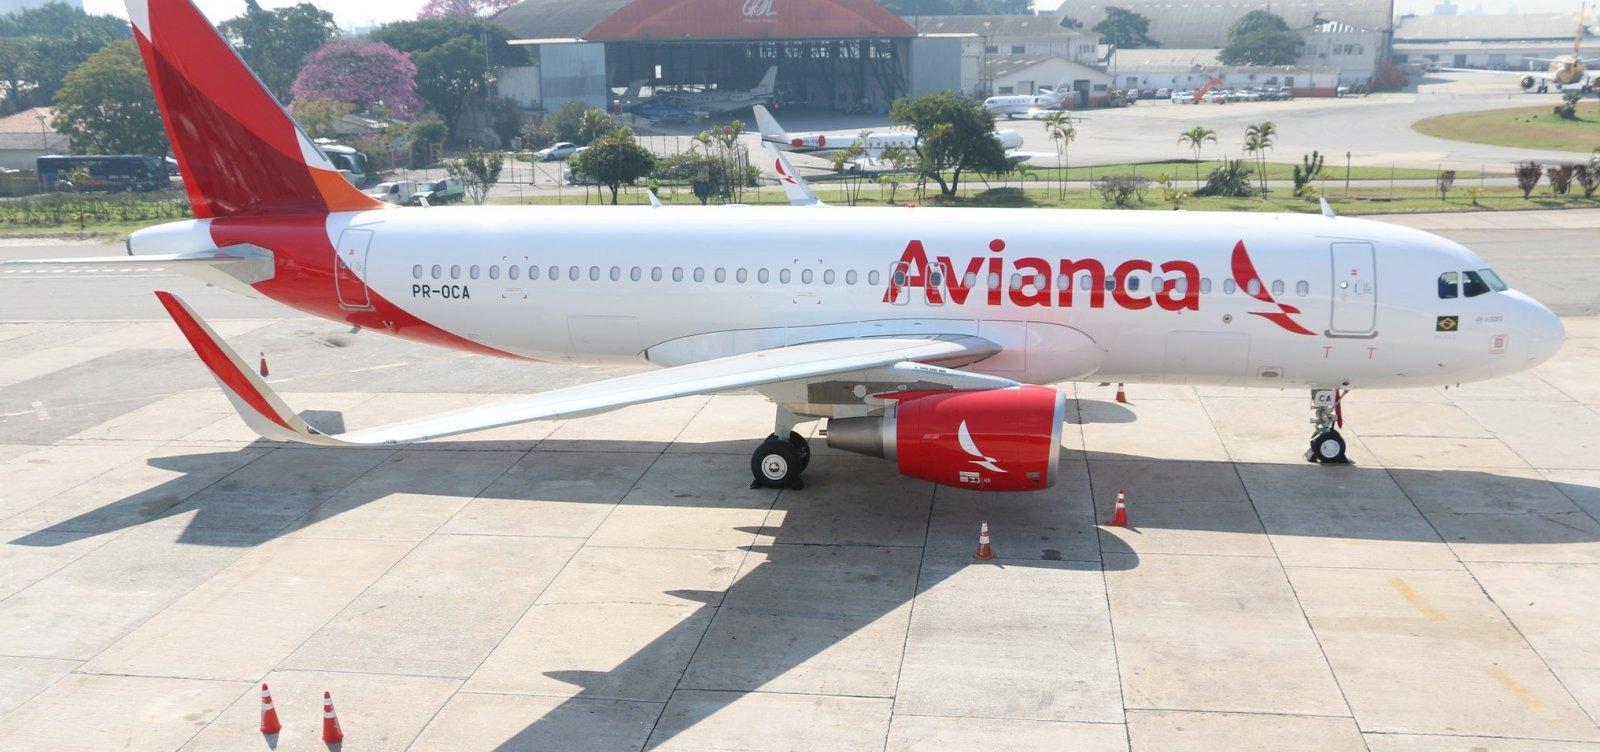 Avianca pede novo certificado de operador aéreo à Anac